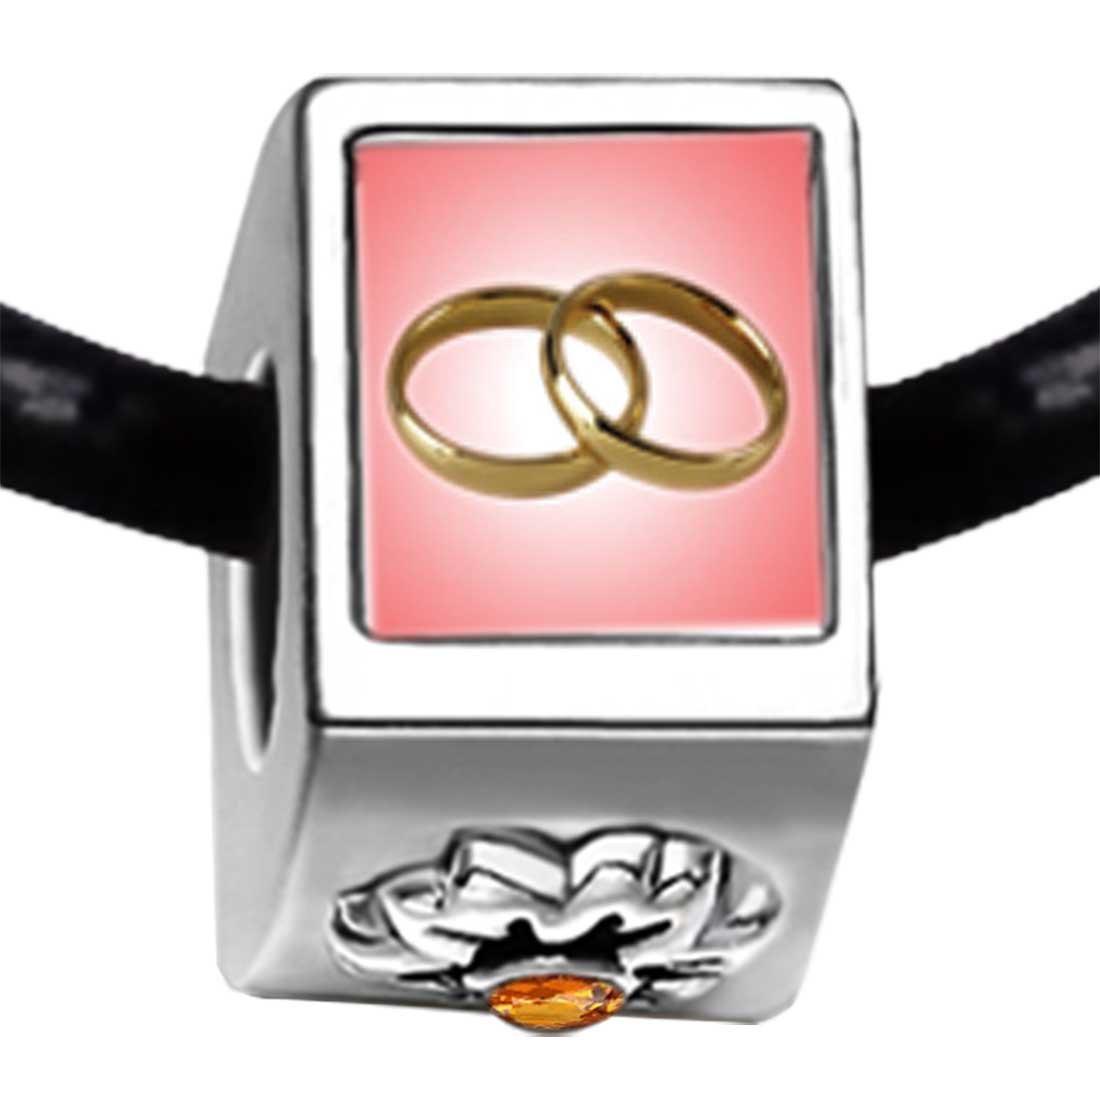 Amazon.com: GiftJewelryShop Wedding Rings Pink And Golden Photo ...